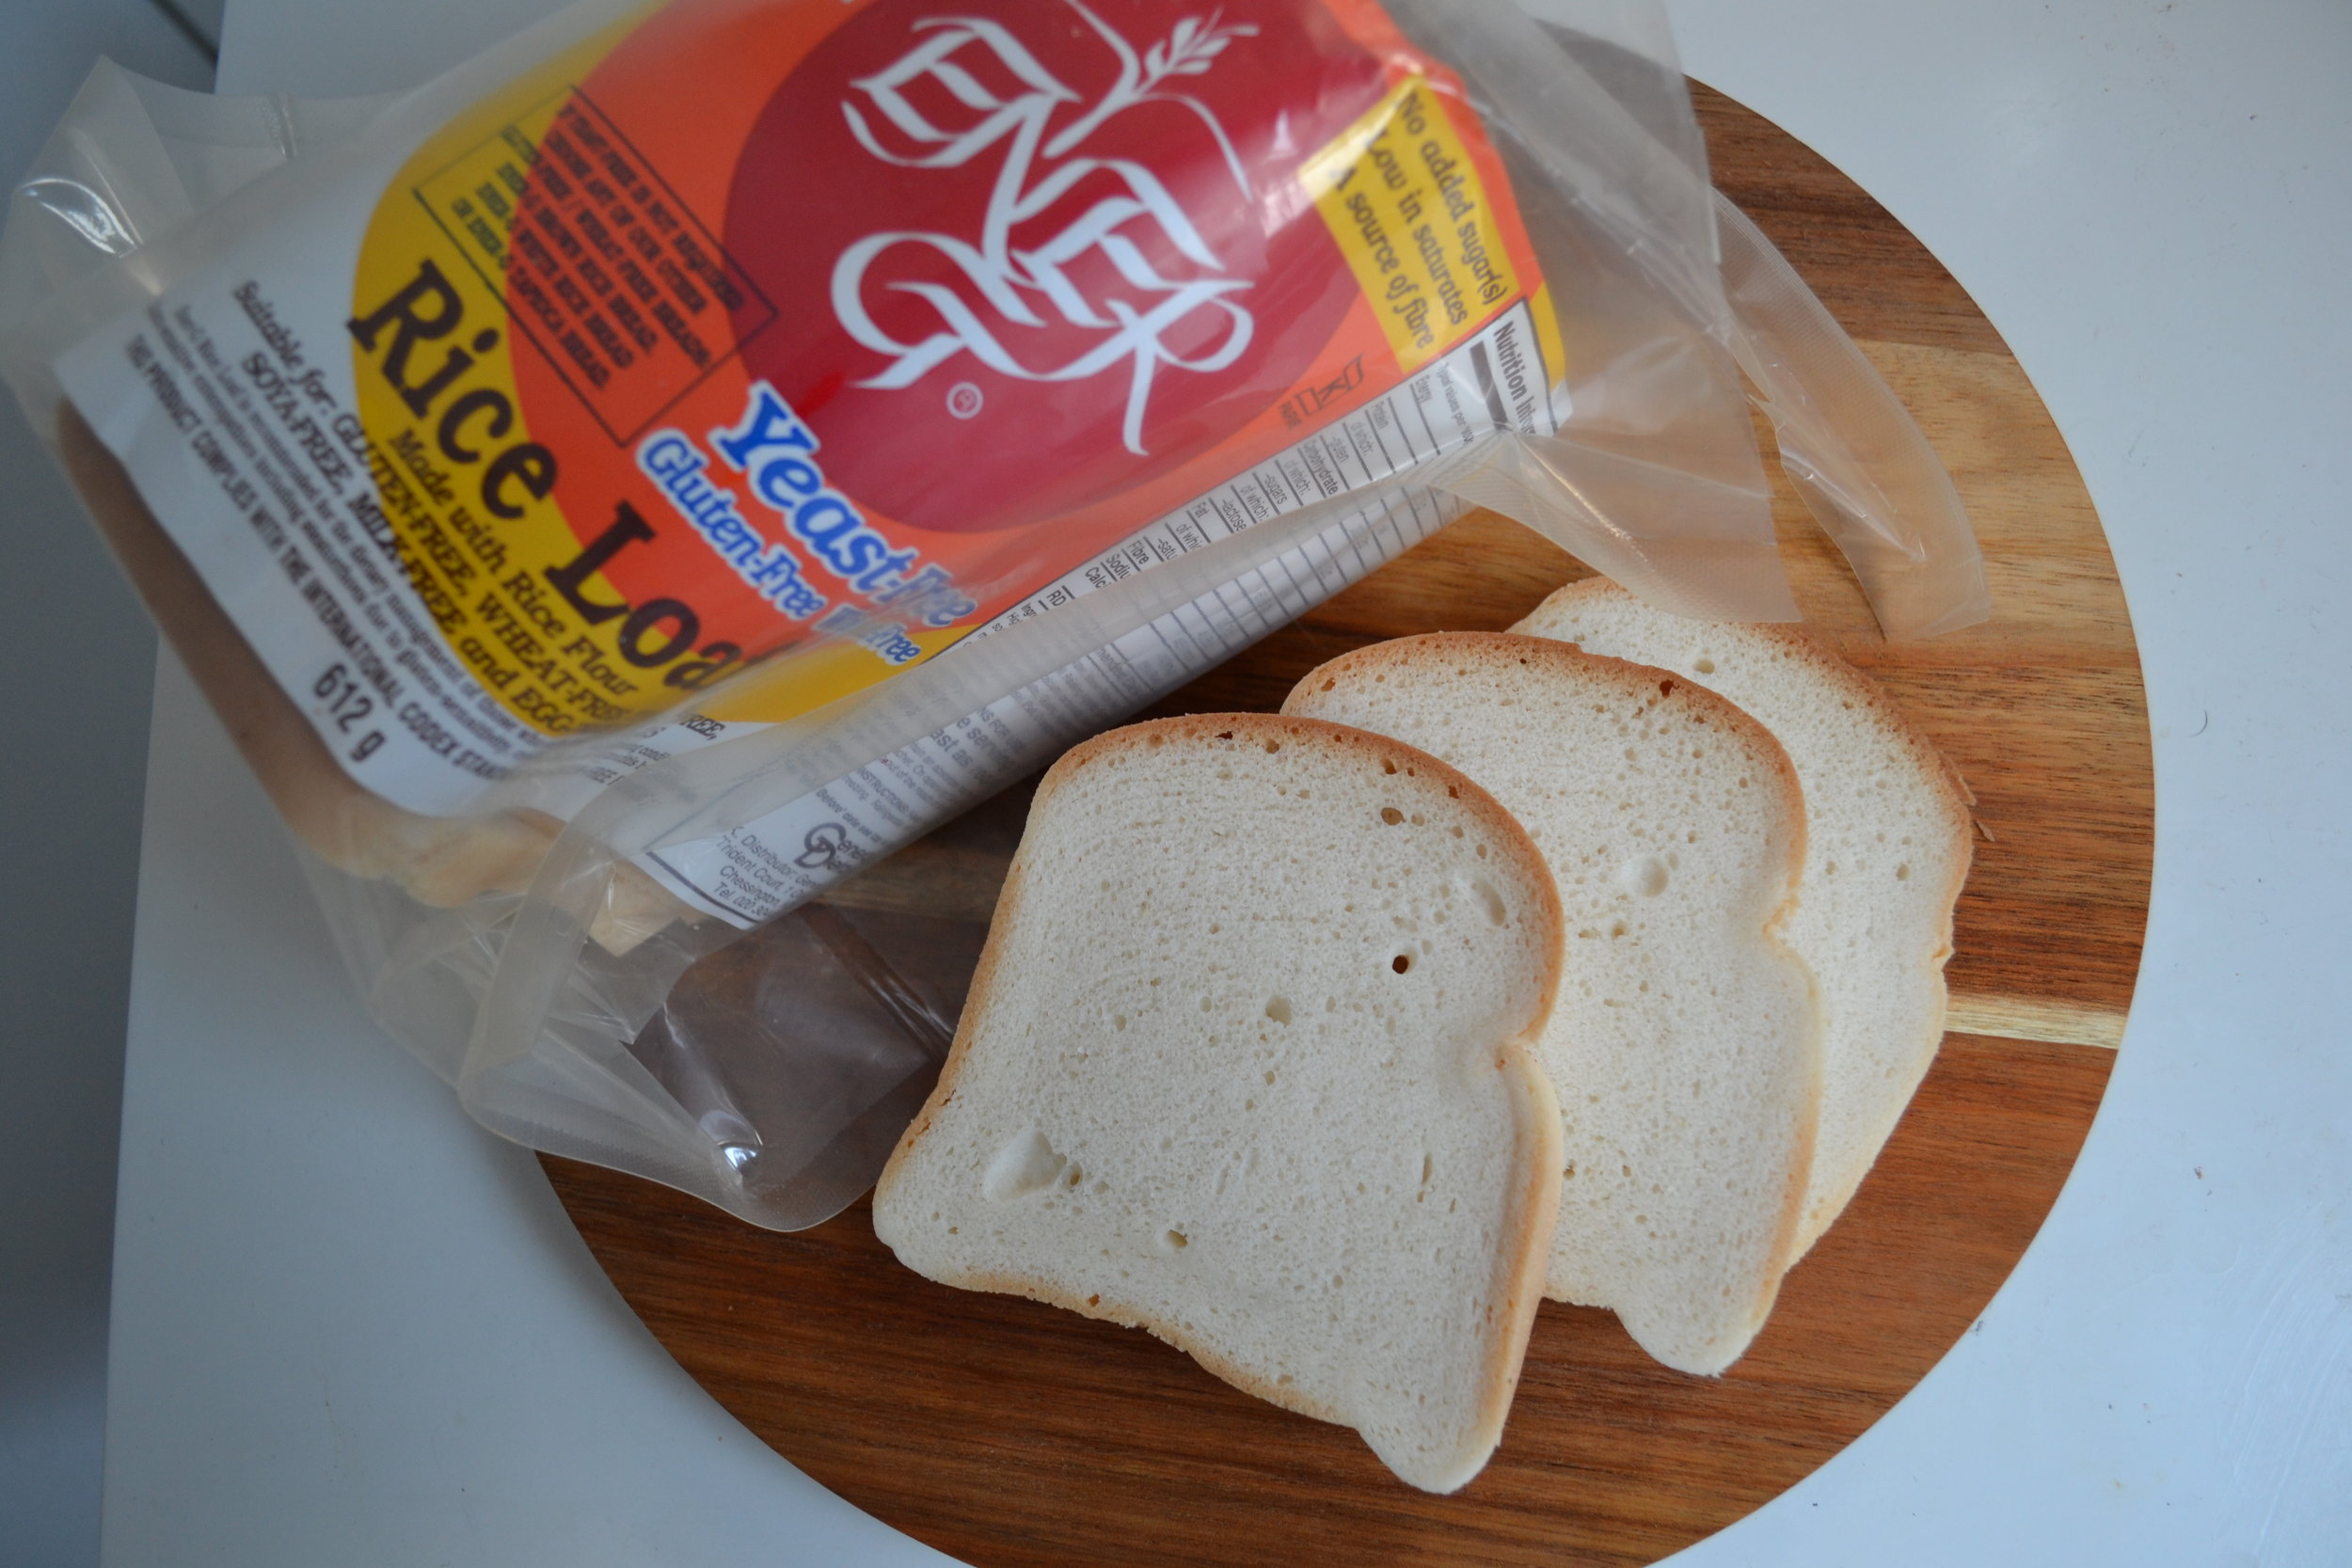 9. Ener-G Rice Loaf